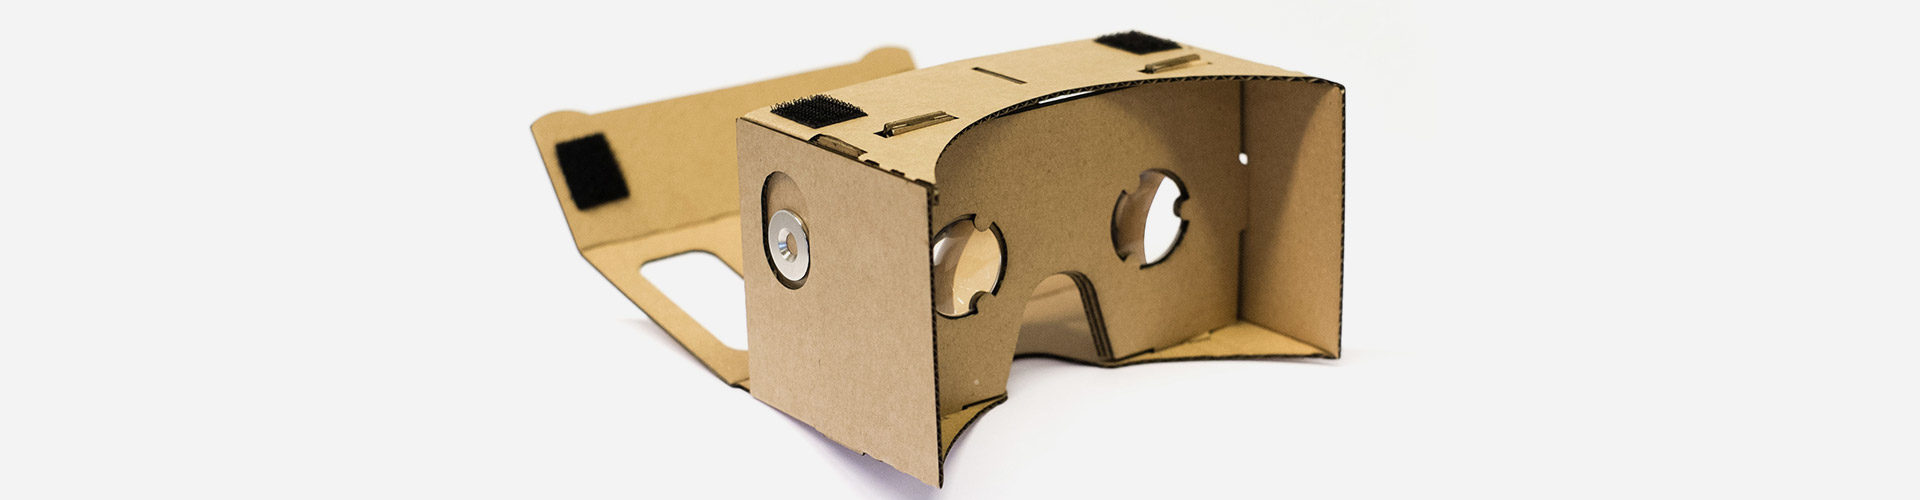 341cf8a39b7 Você sabe como funciona a realidade virtual  - Frames